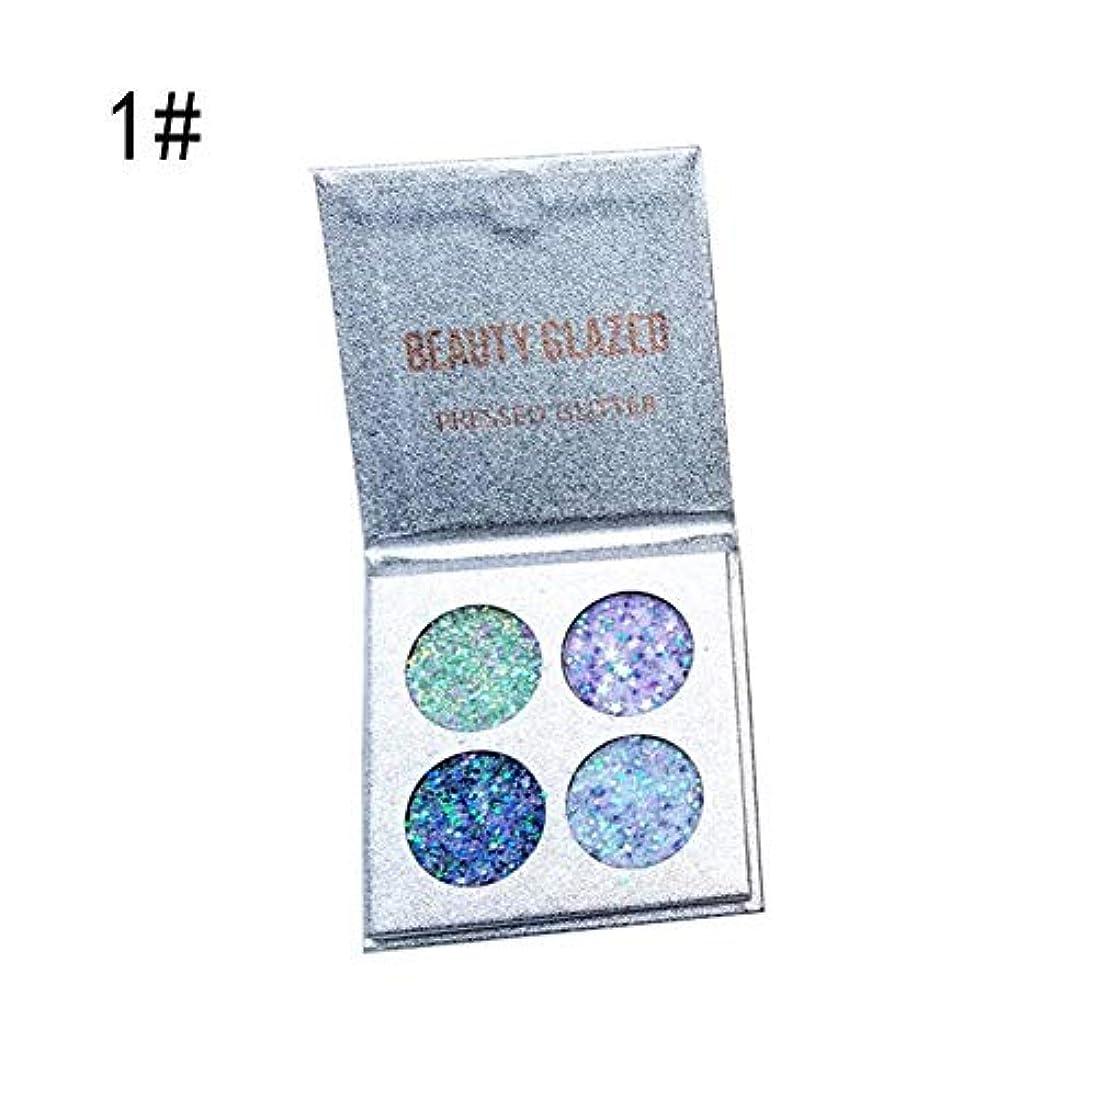 ゲート旋回最小化するBETTER YOU (ベター ュー) beauty glazed 4色スパンコールアイシャドウ、浮遊粉なし、しみ込みやすく、防水、防汗性、持続性、天然 (A 1#)